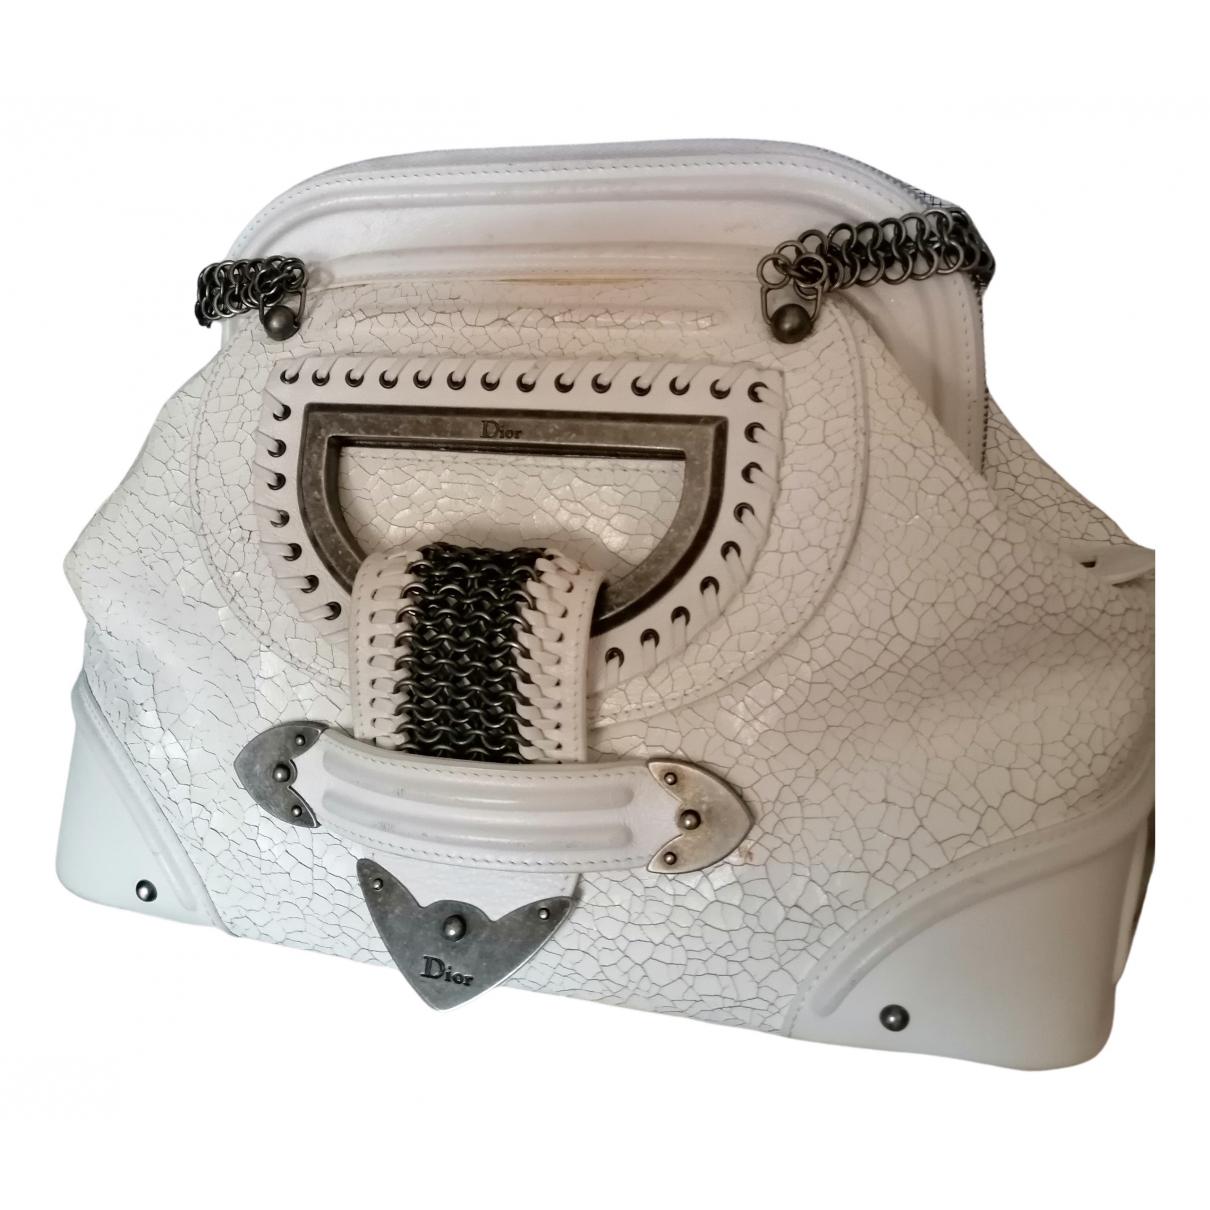 Dior \N Handtasche in  Weiss Leder